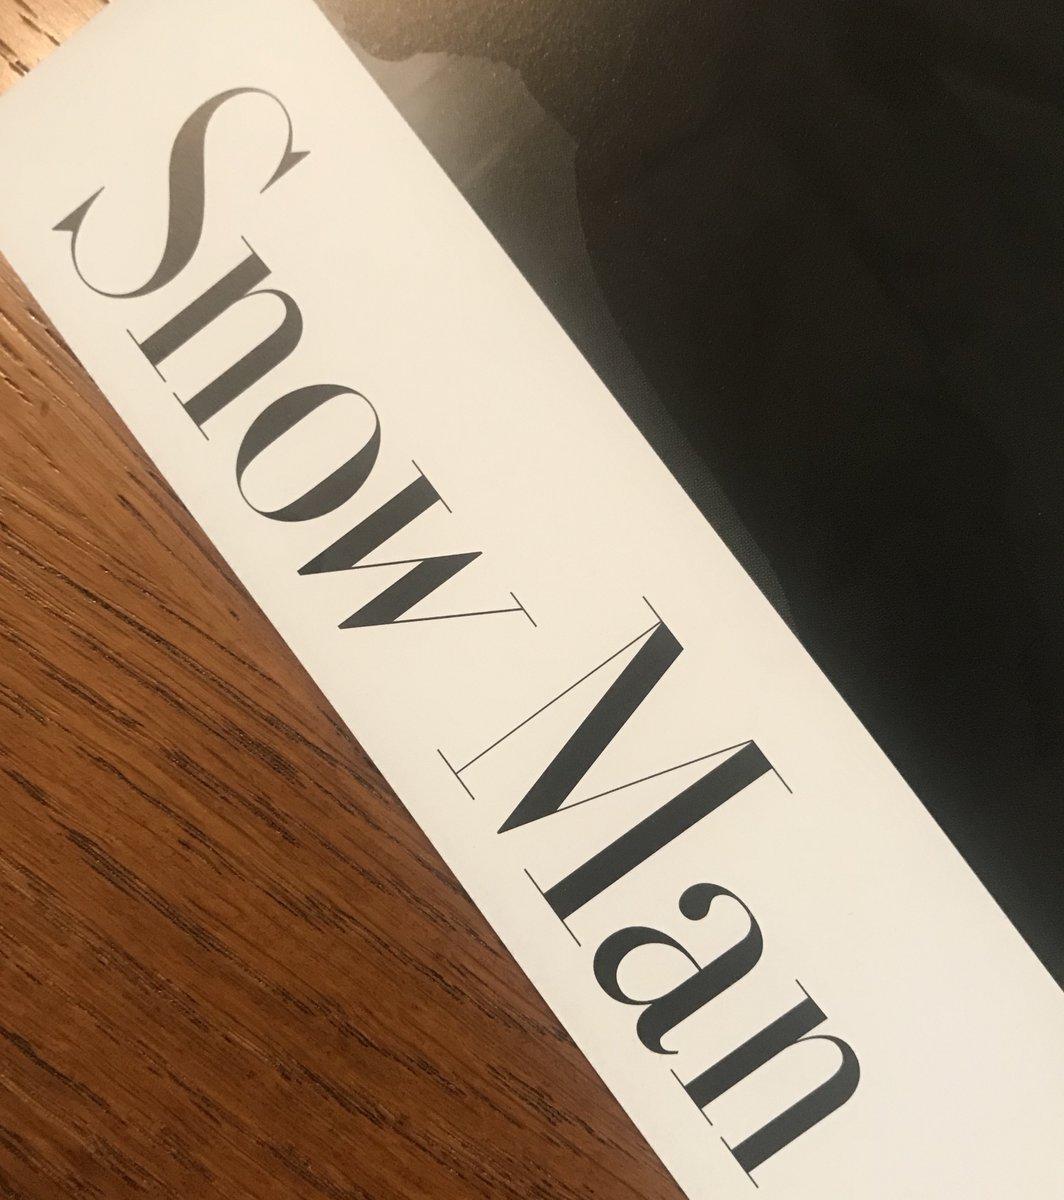 【#BARFOUT! #バァフアウト ! 2020年12月号(明日発売!)】 Snow Manの本誌初表紙号、明日いよいよ発売です! 映画『#滝沢歌舞伎 ZERO 2020 The Movie』のことを1人ひとりに伺ってきました!宮原夢画(instagram.com/p/CHMU1fuDION/)さん撮影のクラシカルなヴィジュアルとともにぜひ。 (松坂)  #SnowMan